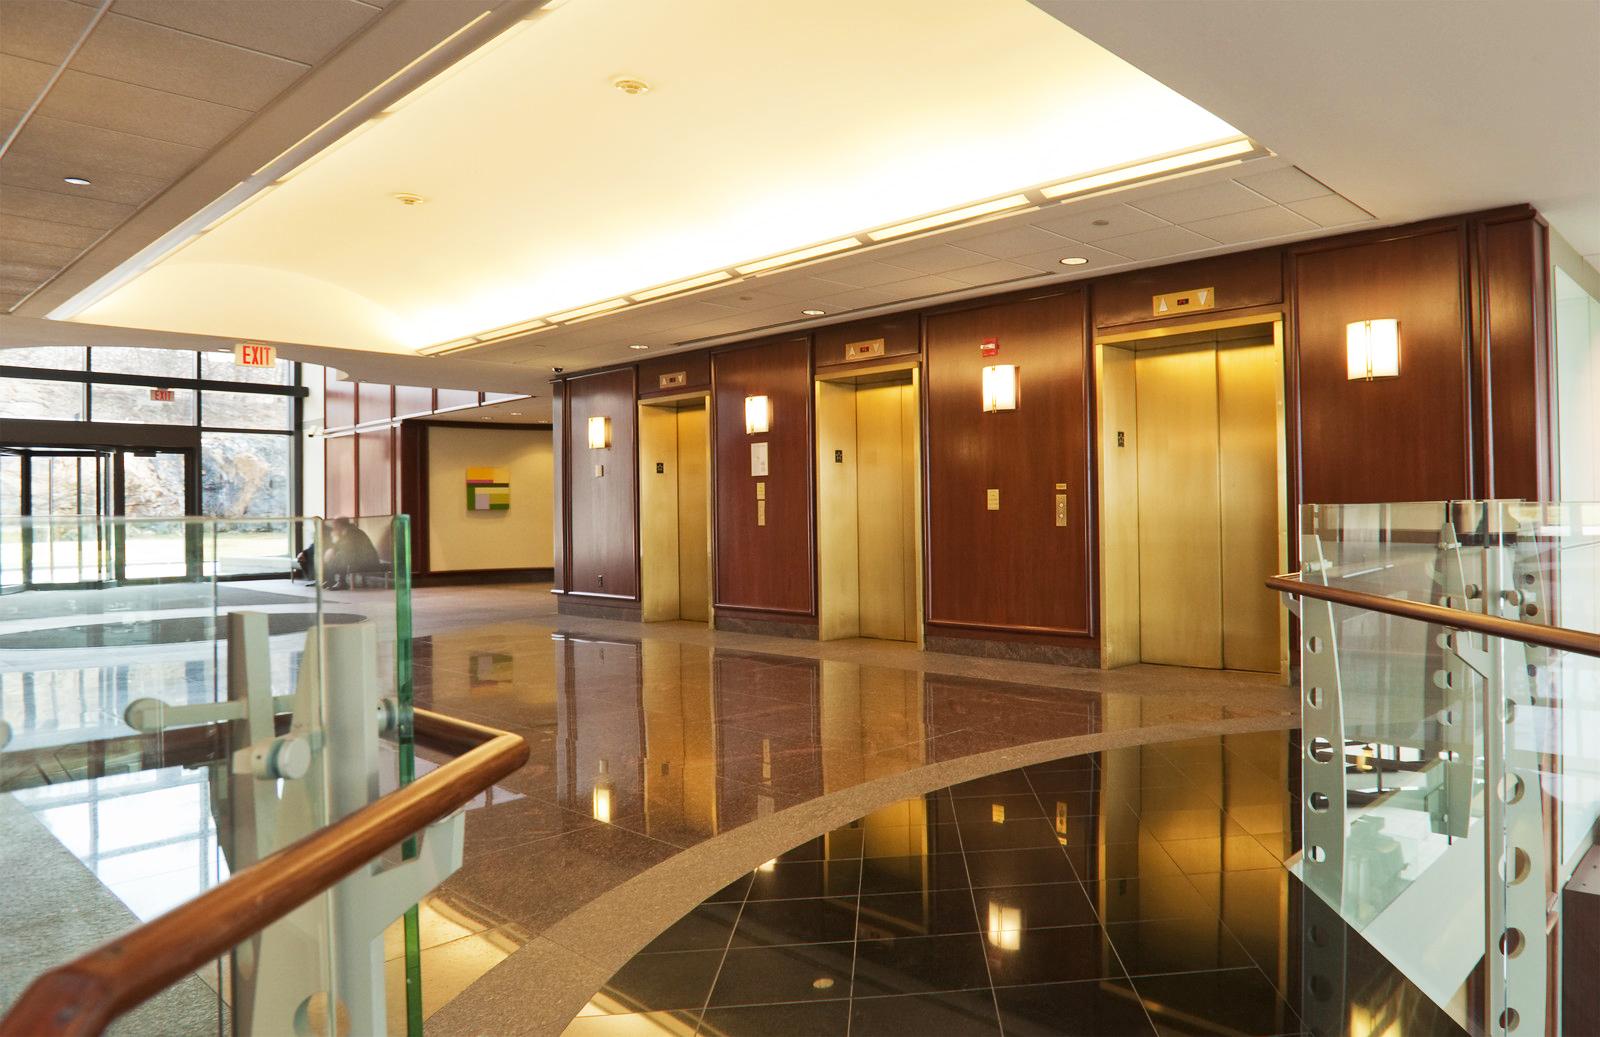 inside_elevators_area